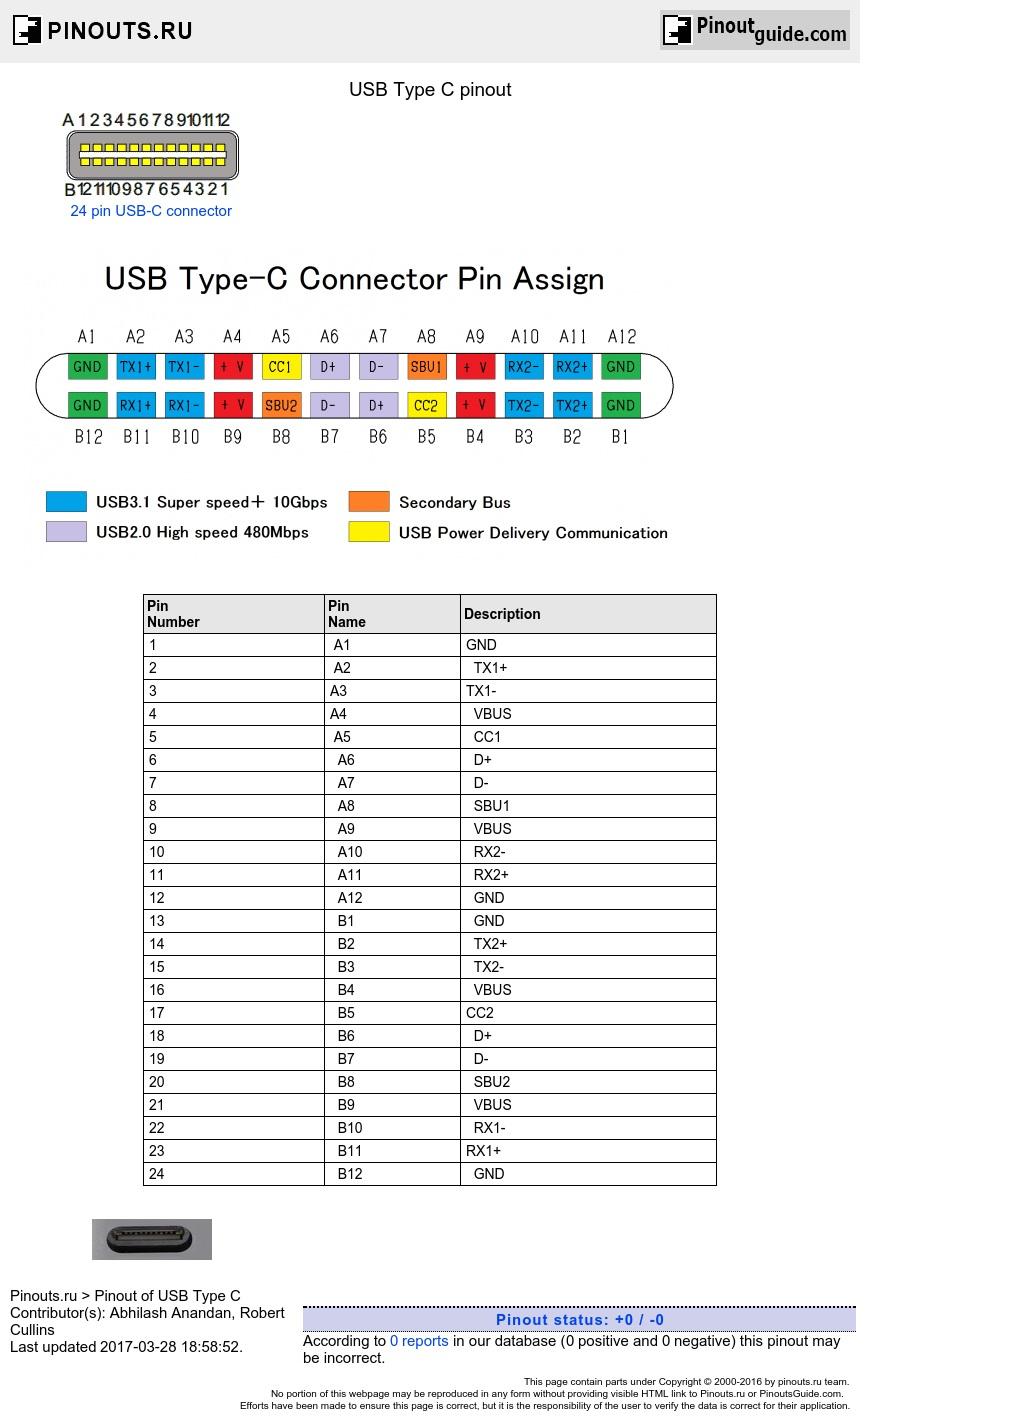 Usb Type C Pinout Diagram @ Pinoutguide - Usb Type C Wiring Diagram